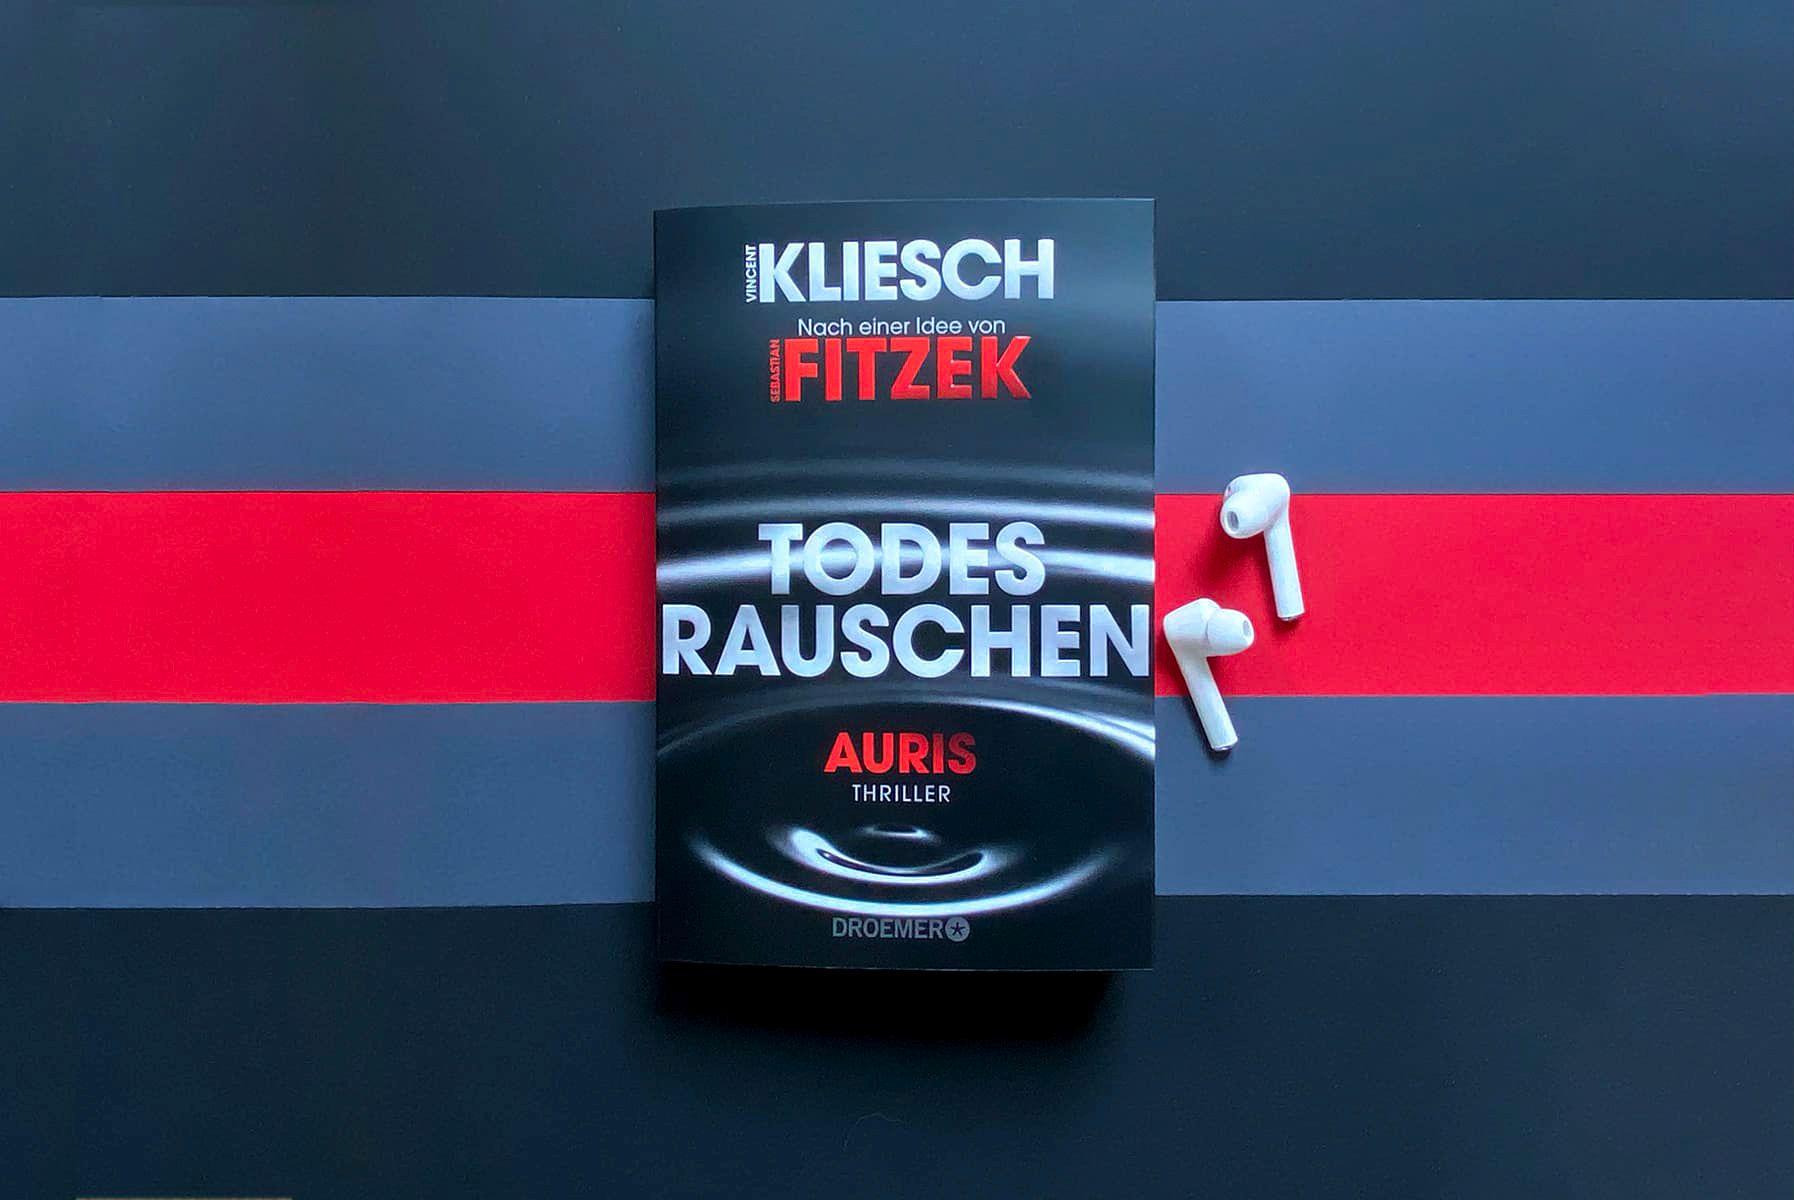 Vincent Kliesch Sebastian Fitzek Todesrauschen Auris Berlin Jula Ansorge Matthias Hegel Thriller